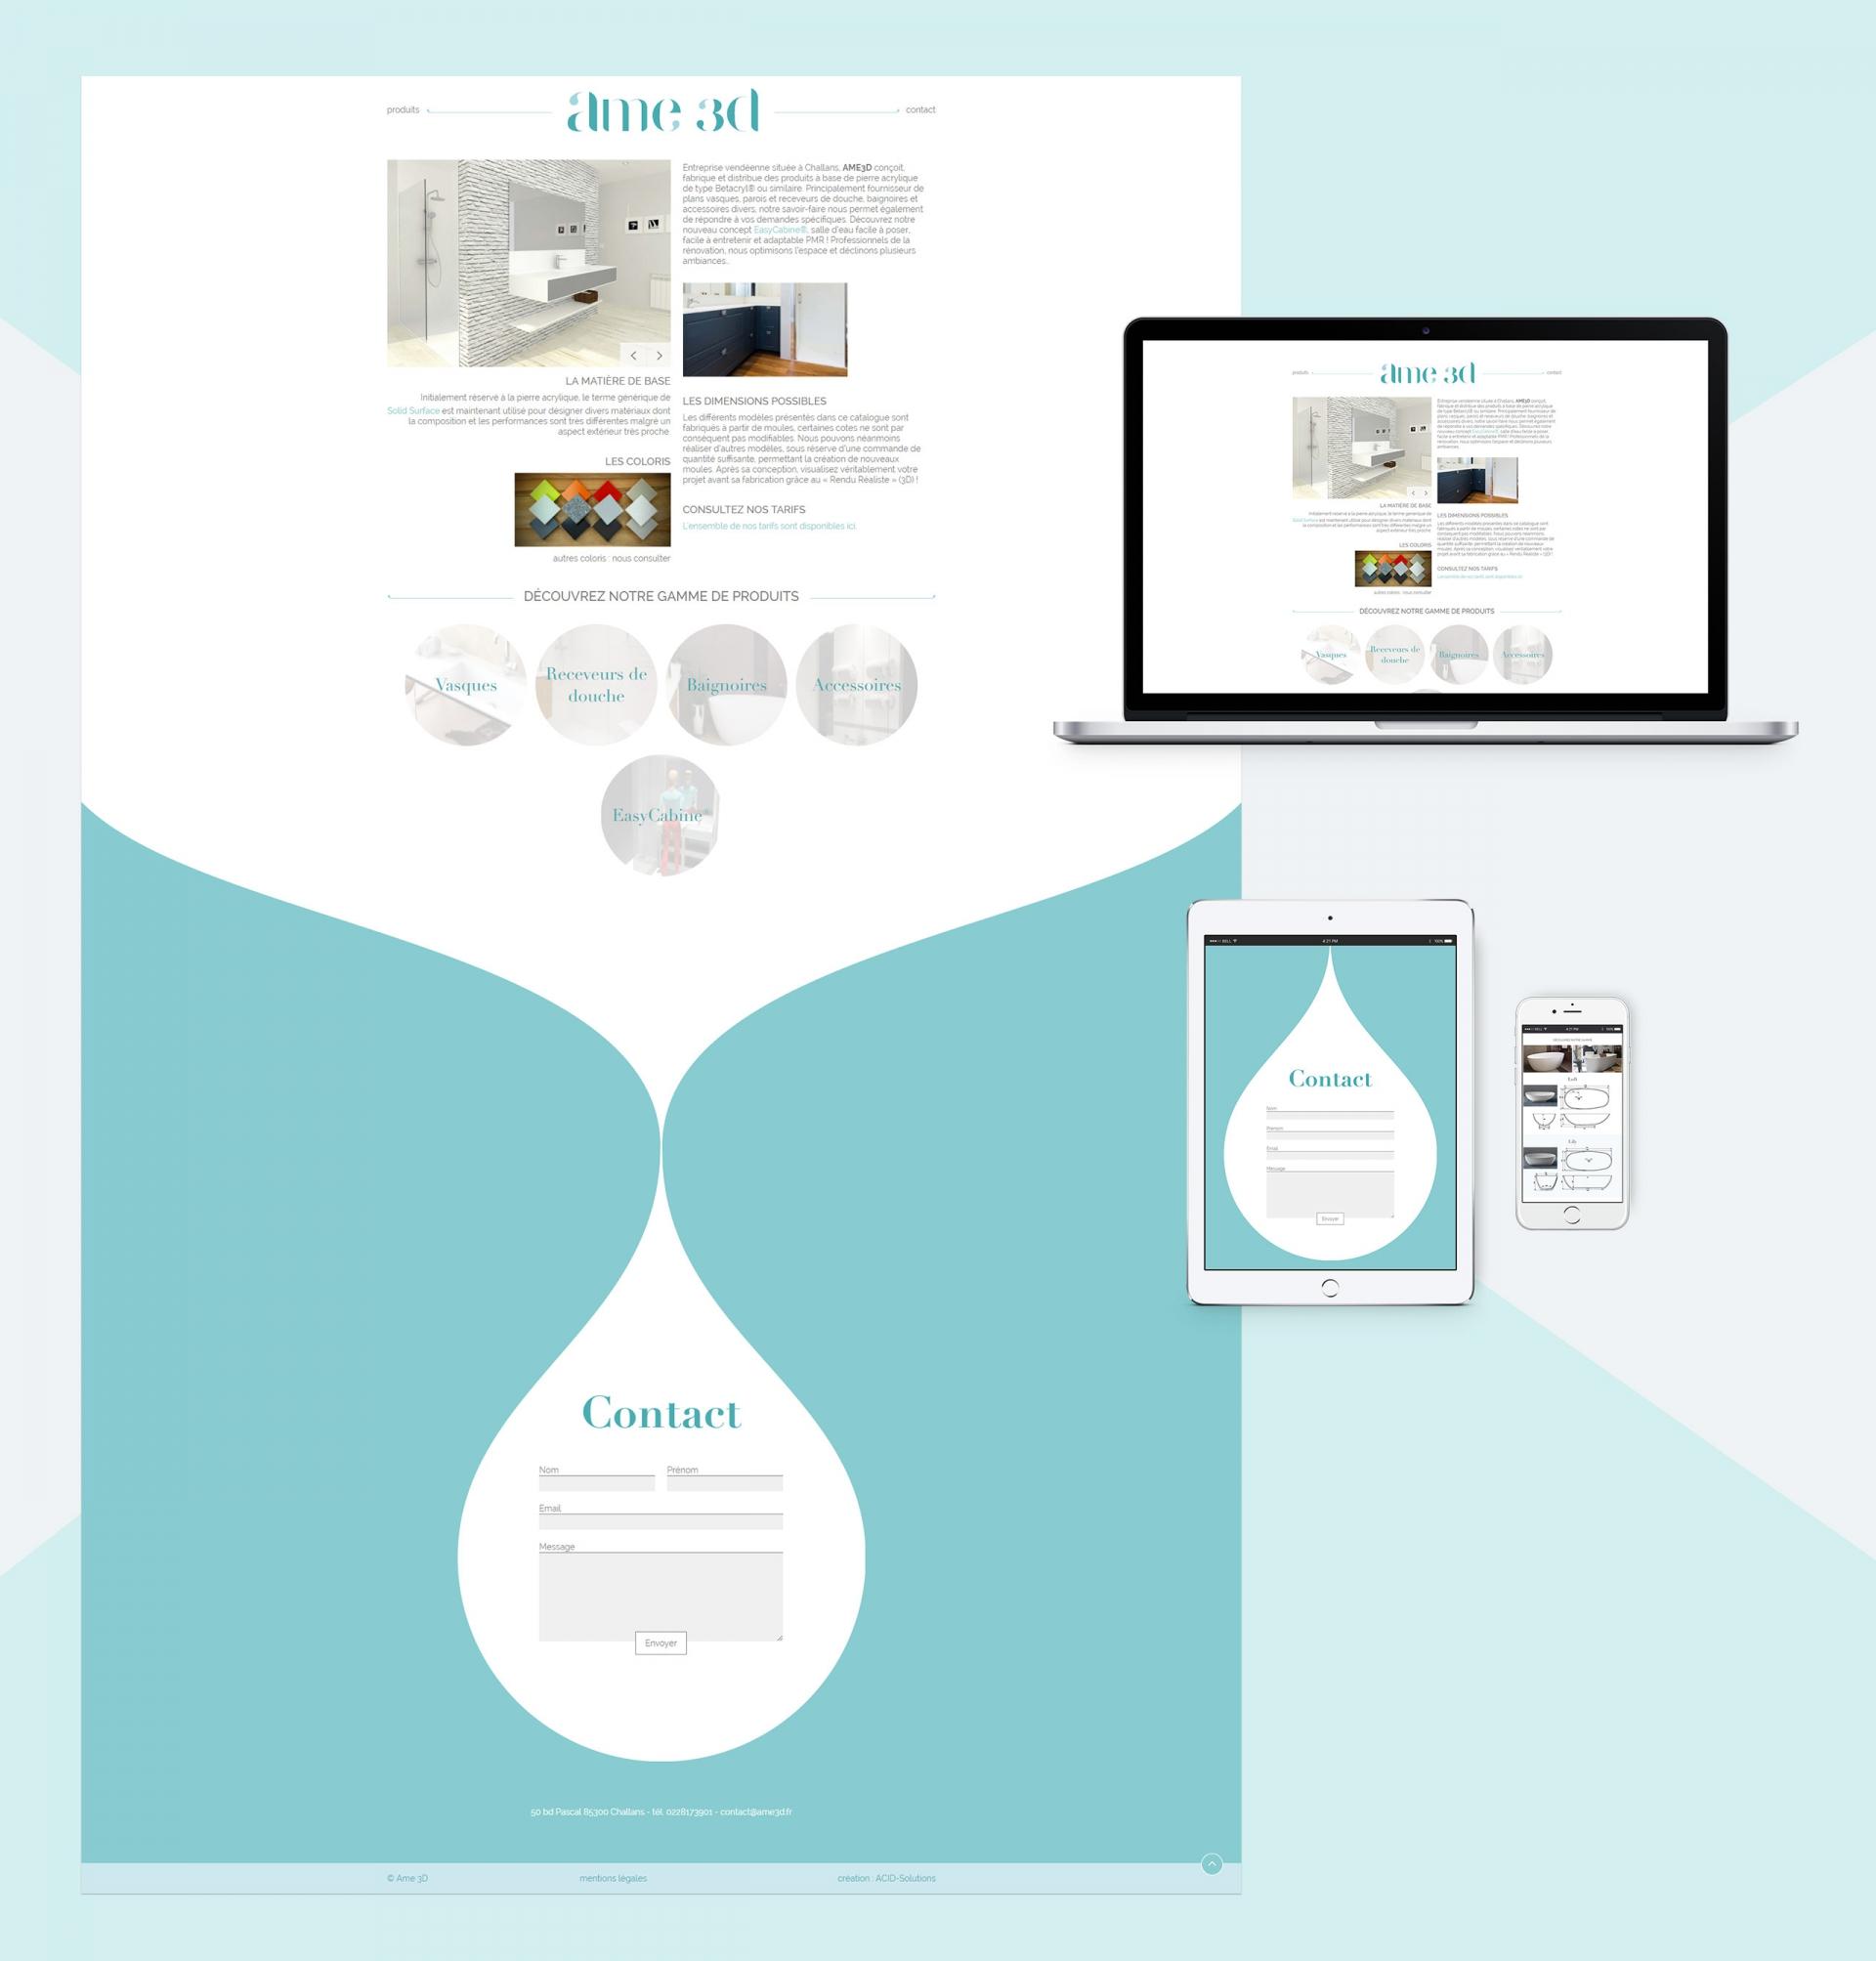 webdesign pour Ame 3D - Acid solutions